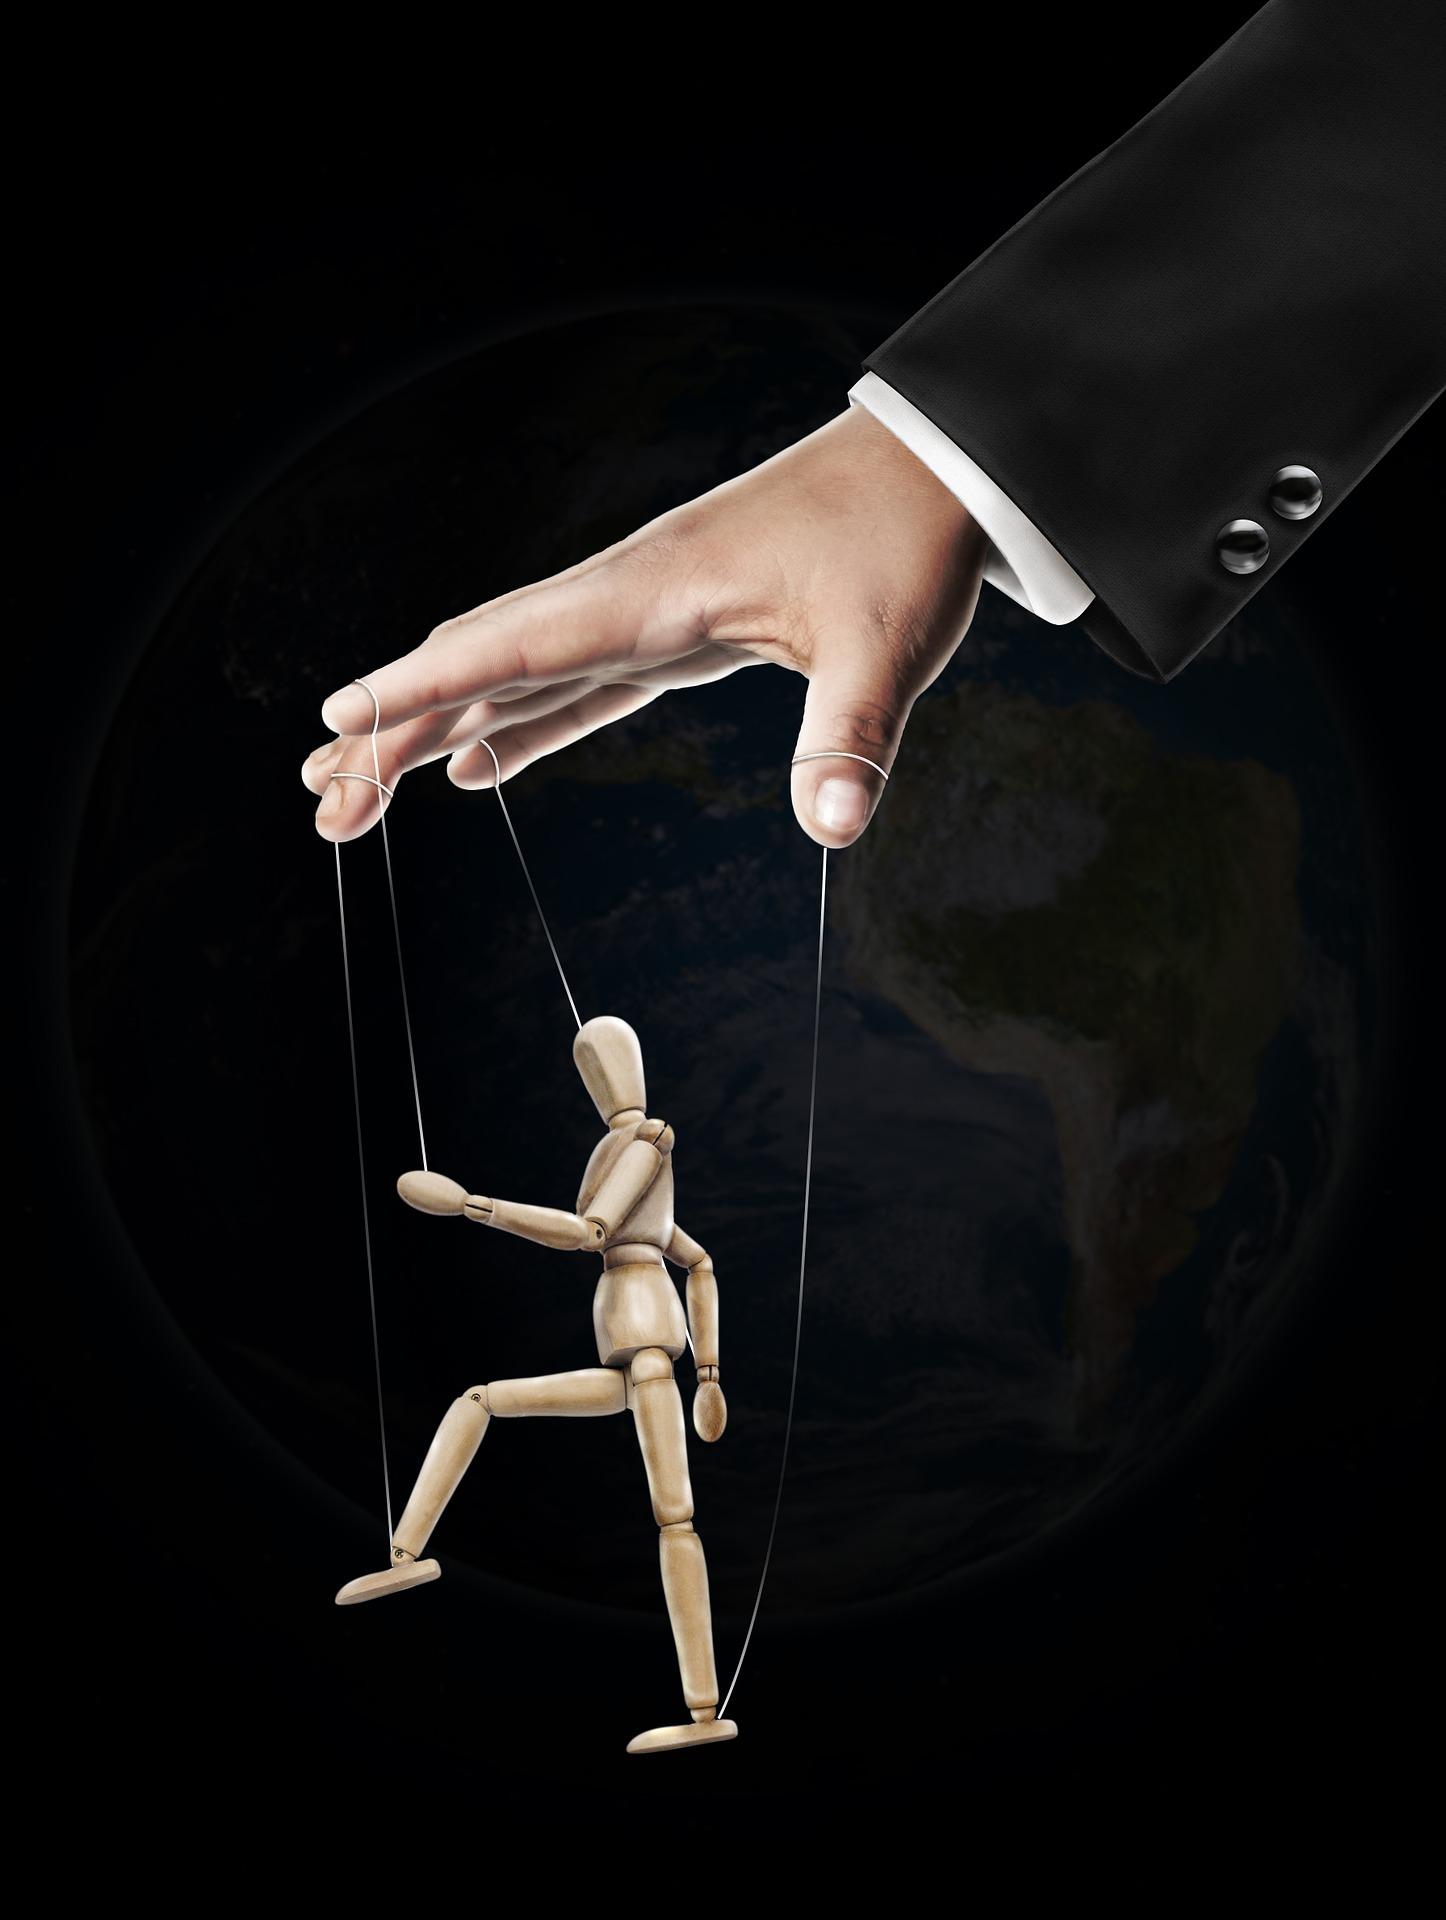 Los psicópatas integrados tienen una mayor capacidad para manipular y engañar.